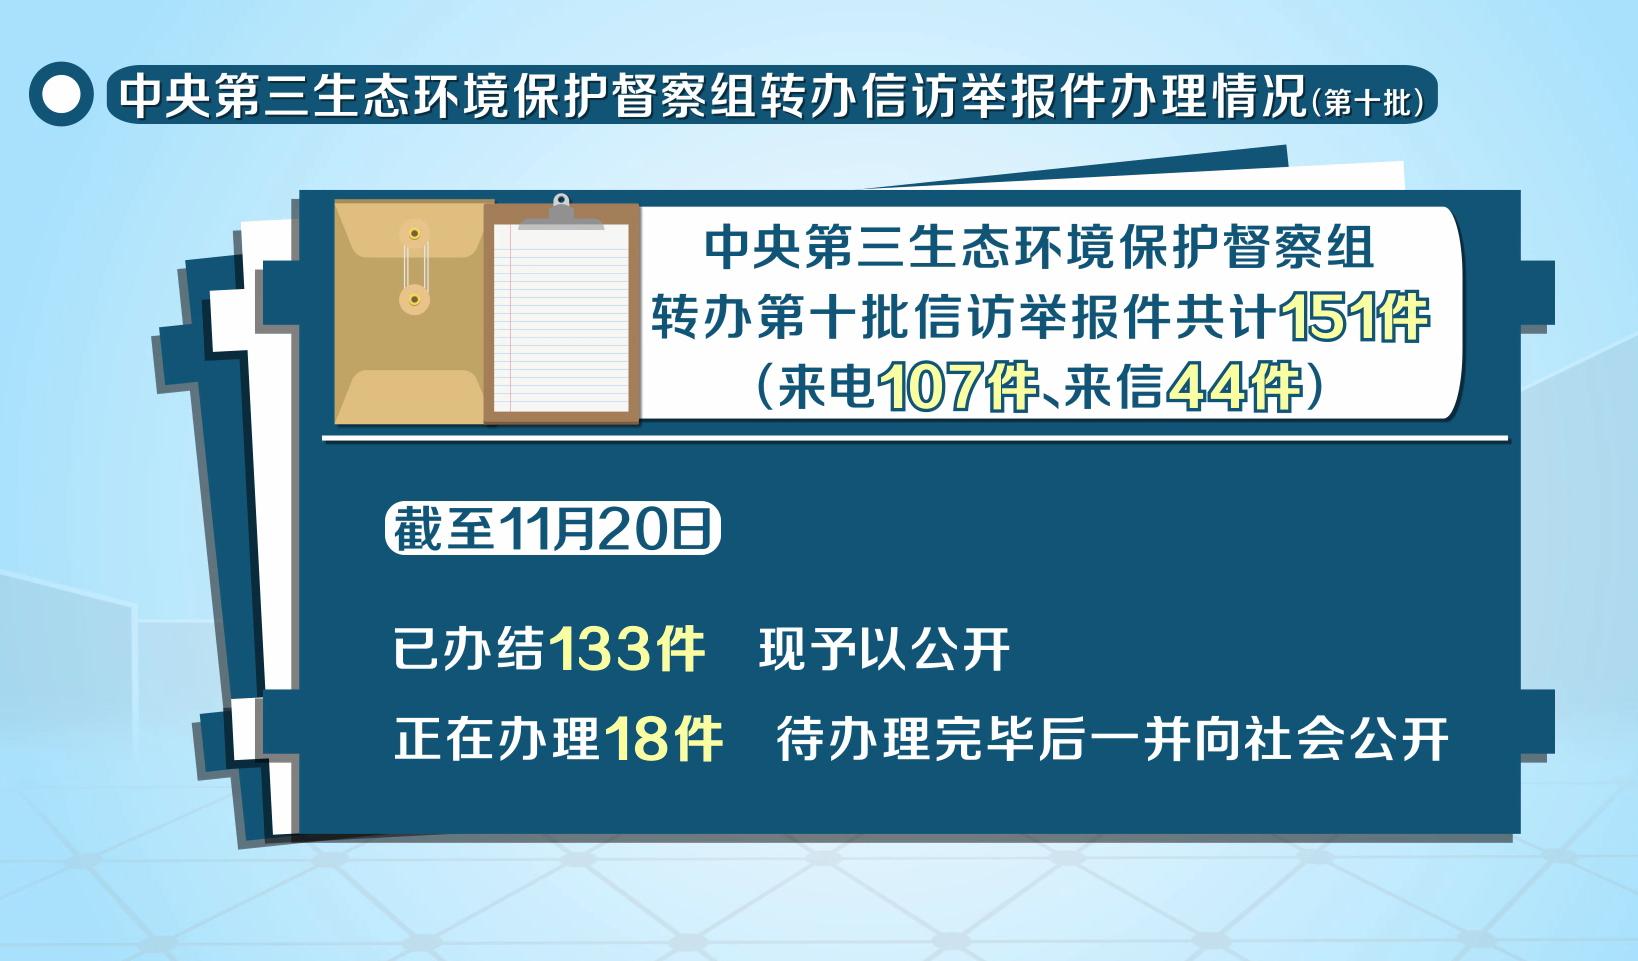 中央第三生态环境保护督察组转办信访举报件办理情况(第十批)